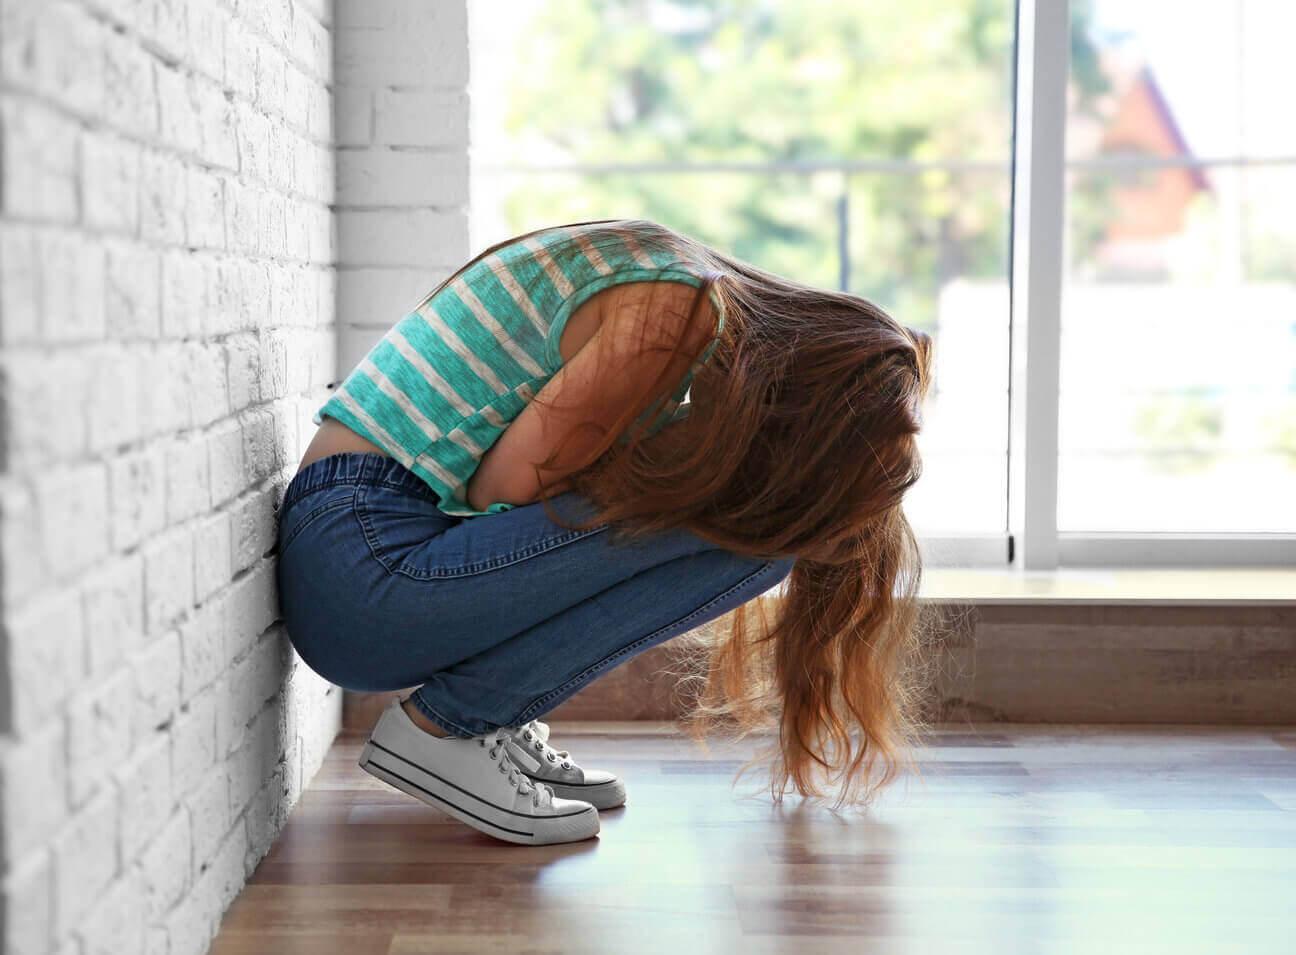 La rancune est un sentiment négatif qui nous fait beaucoup de mal et finit par se retourner contre nous.